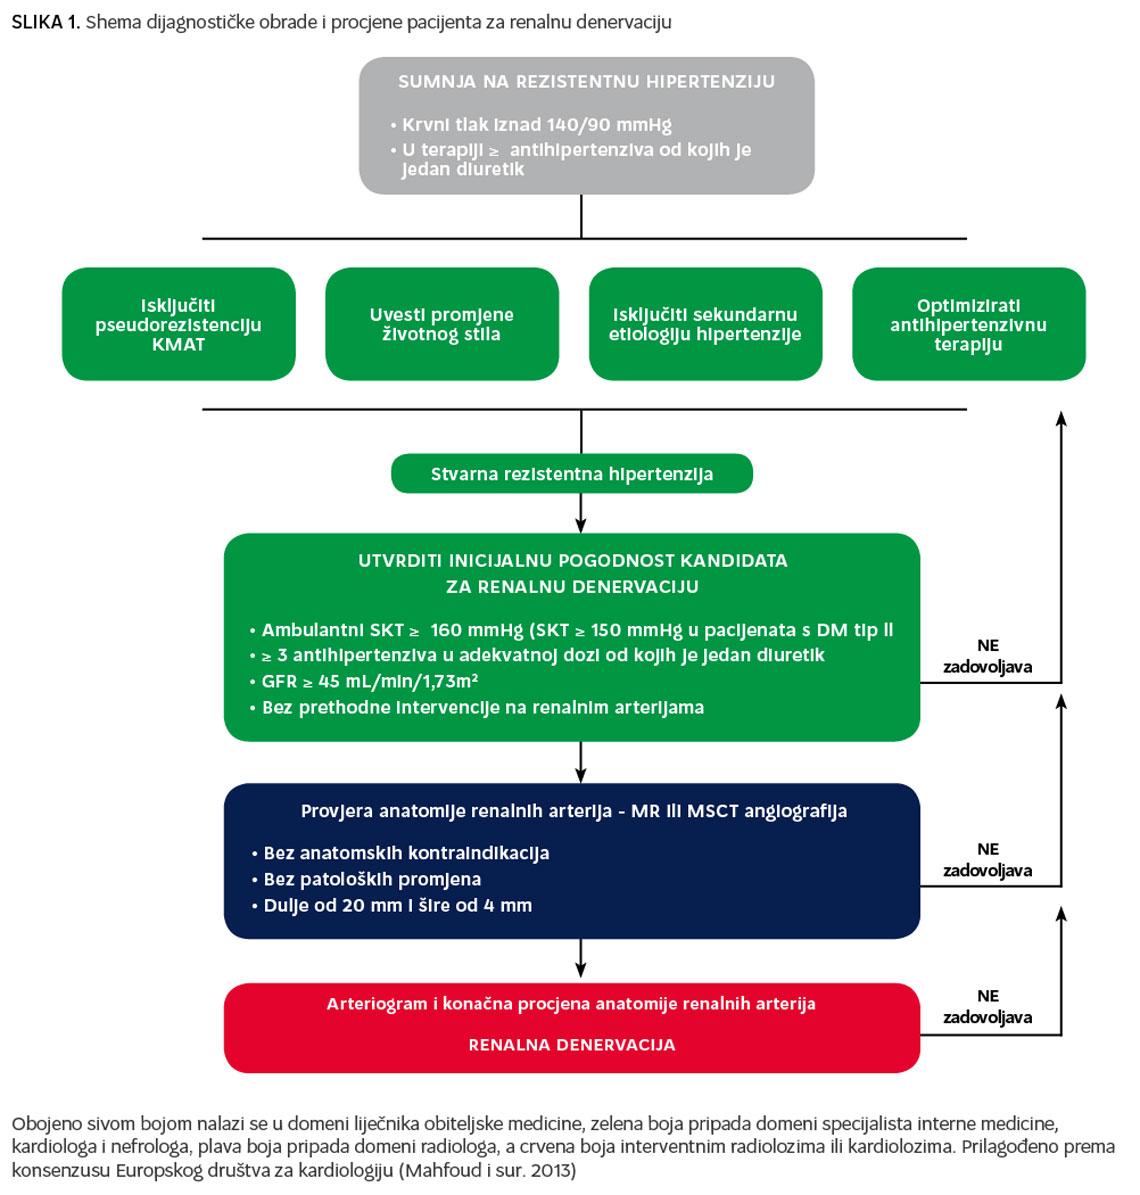 postupak hipertenzija njegu omsk lijek za hipertenziju